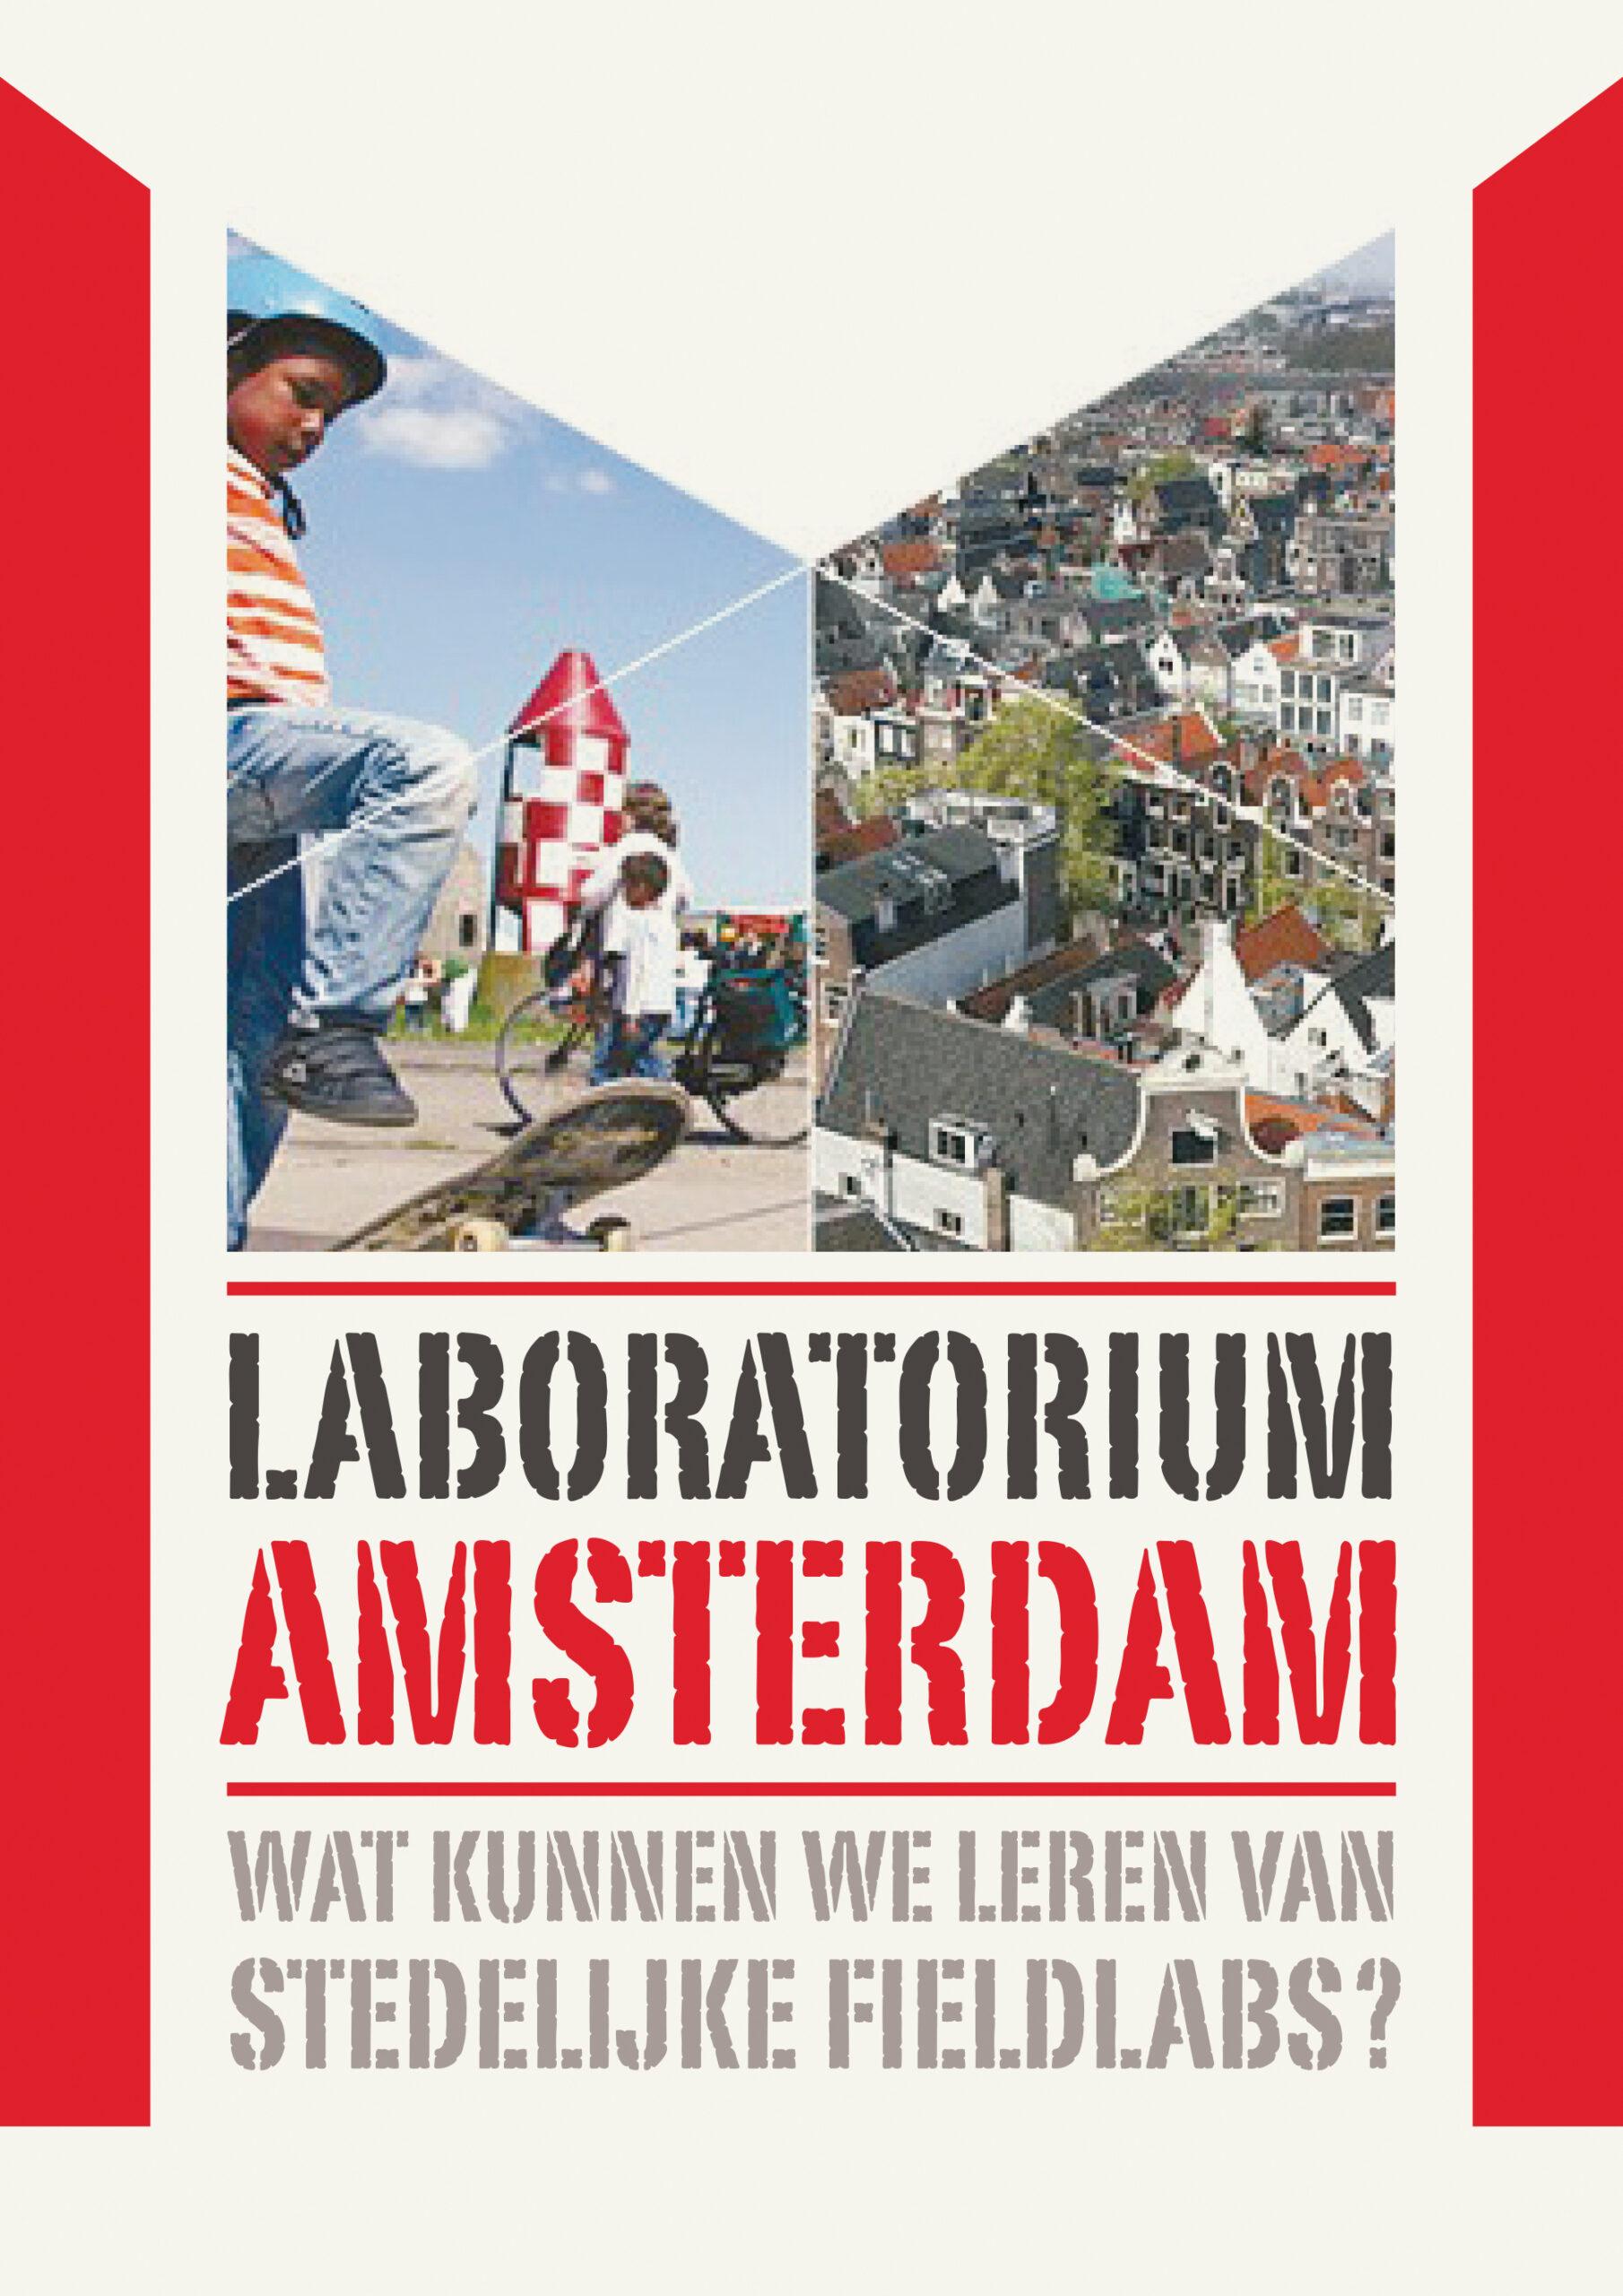 Laboratorium Amsterdam: werken, leren, reflecteren